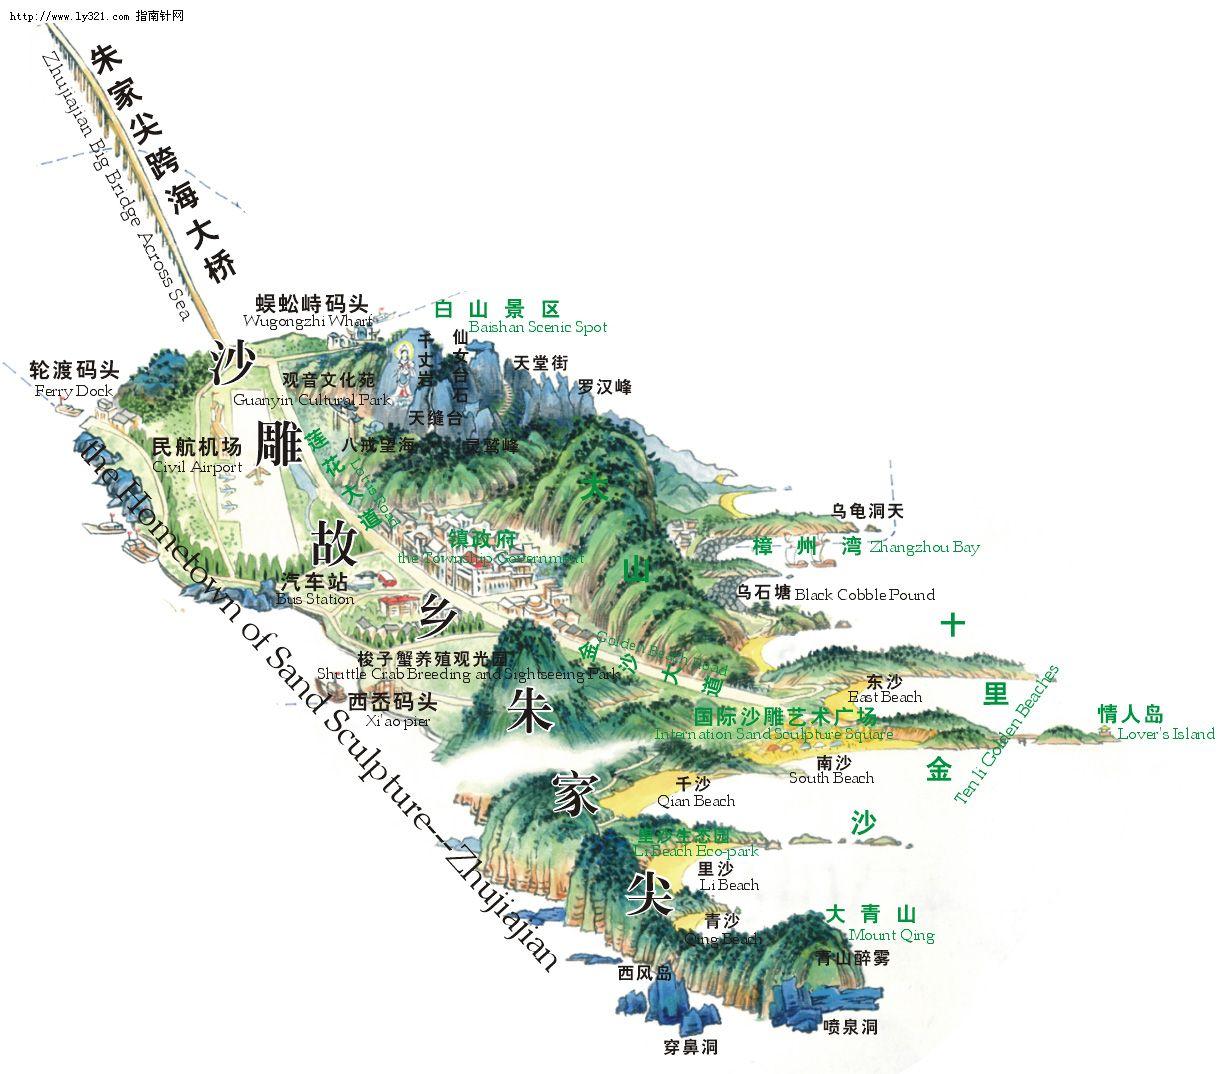 朱家尖景区_舟山市地图查询